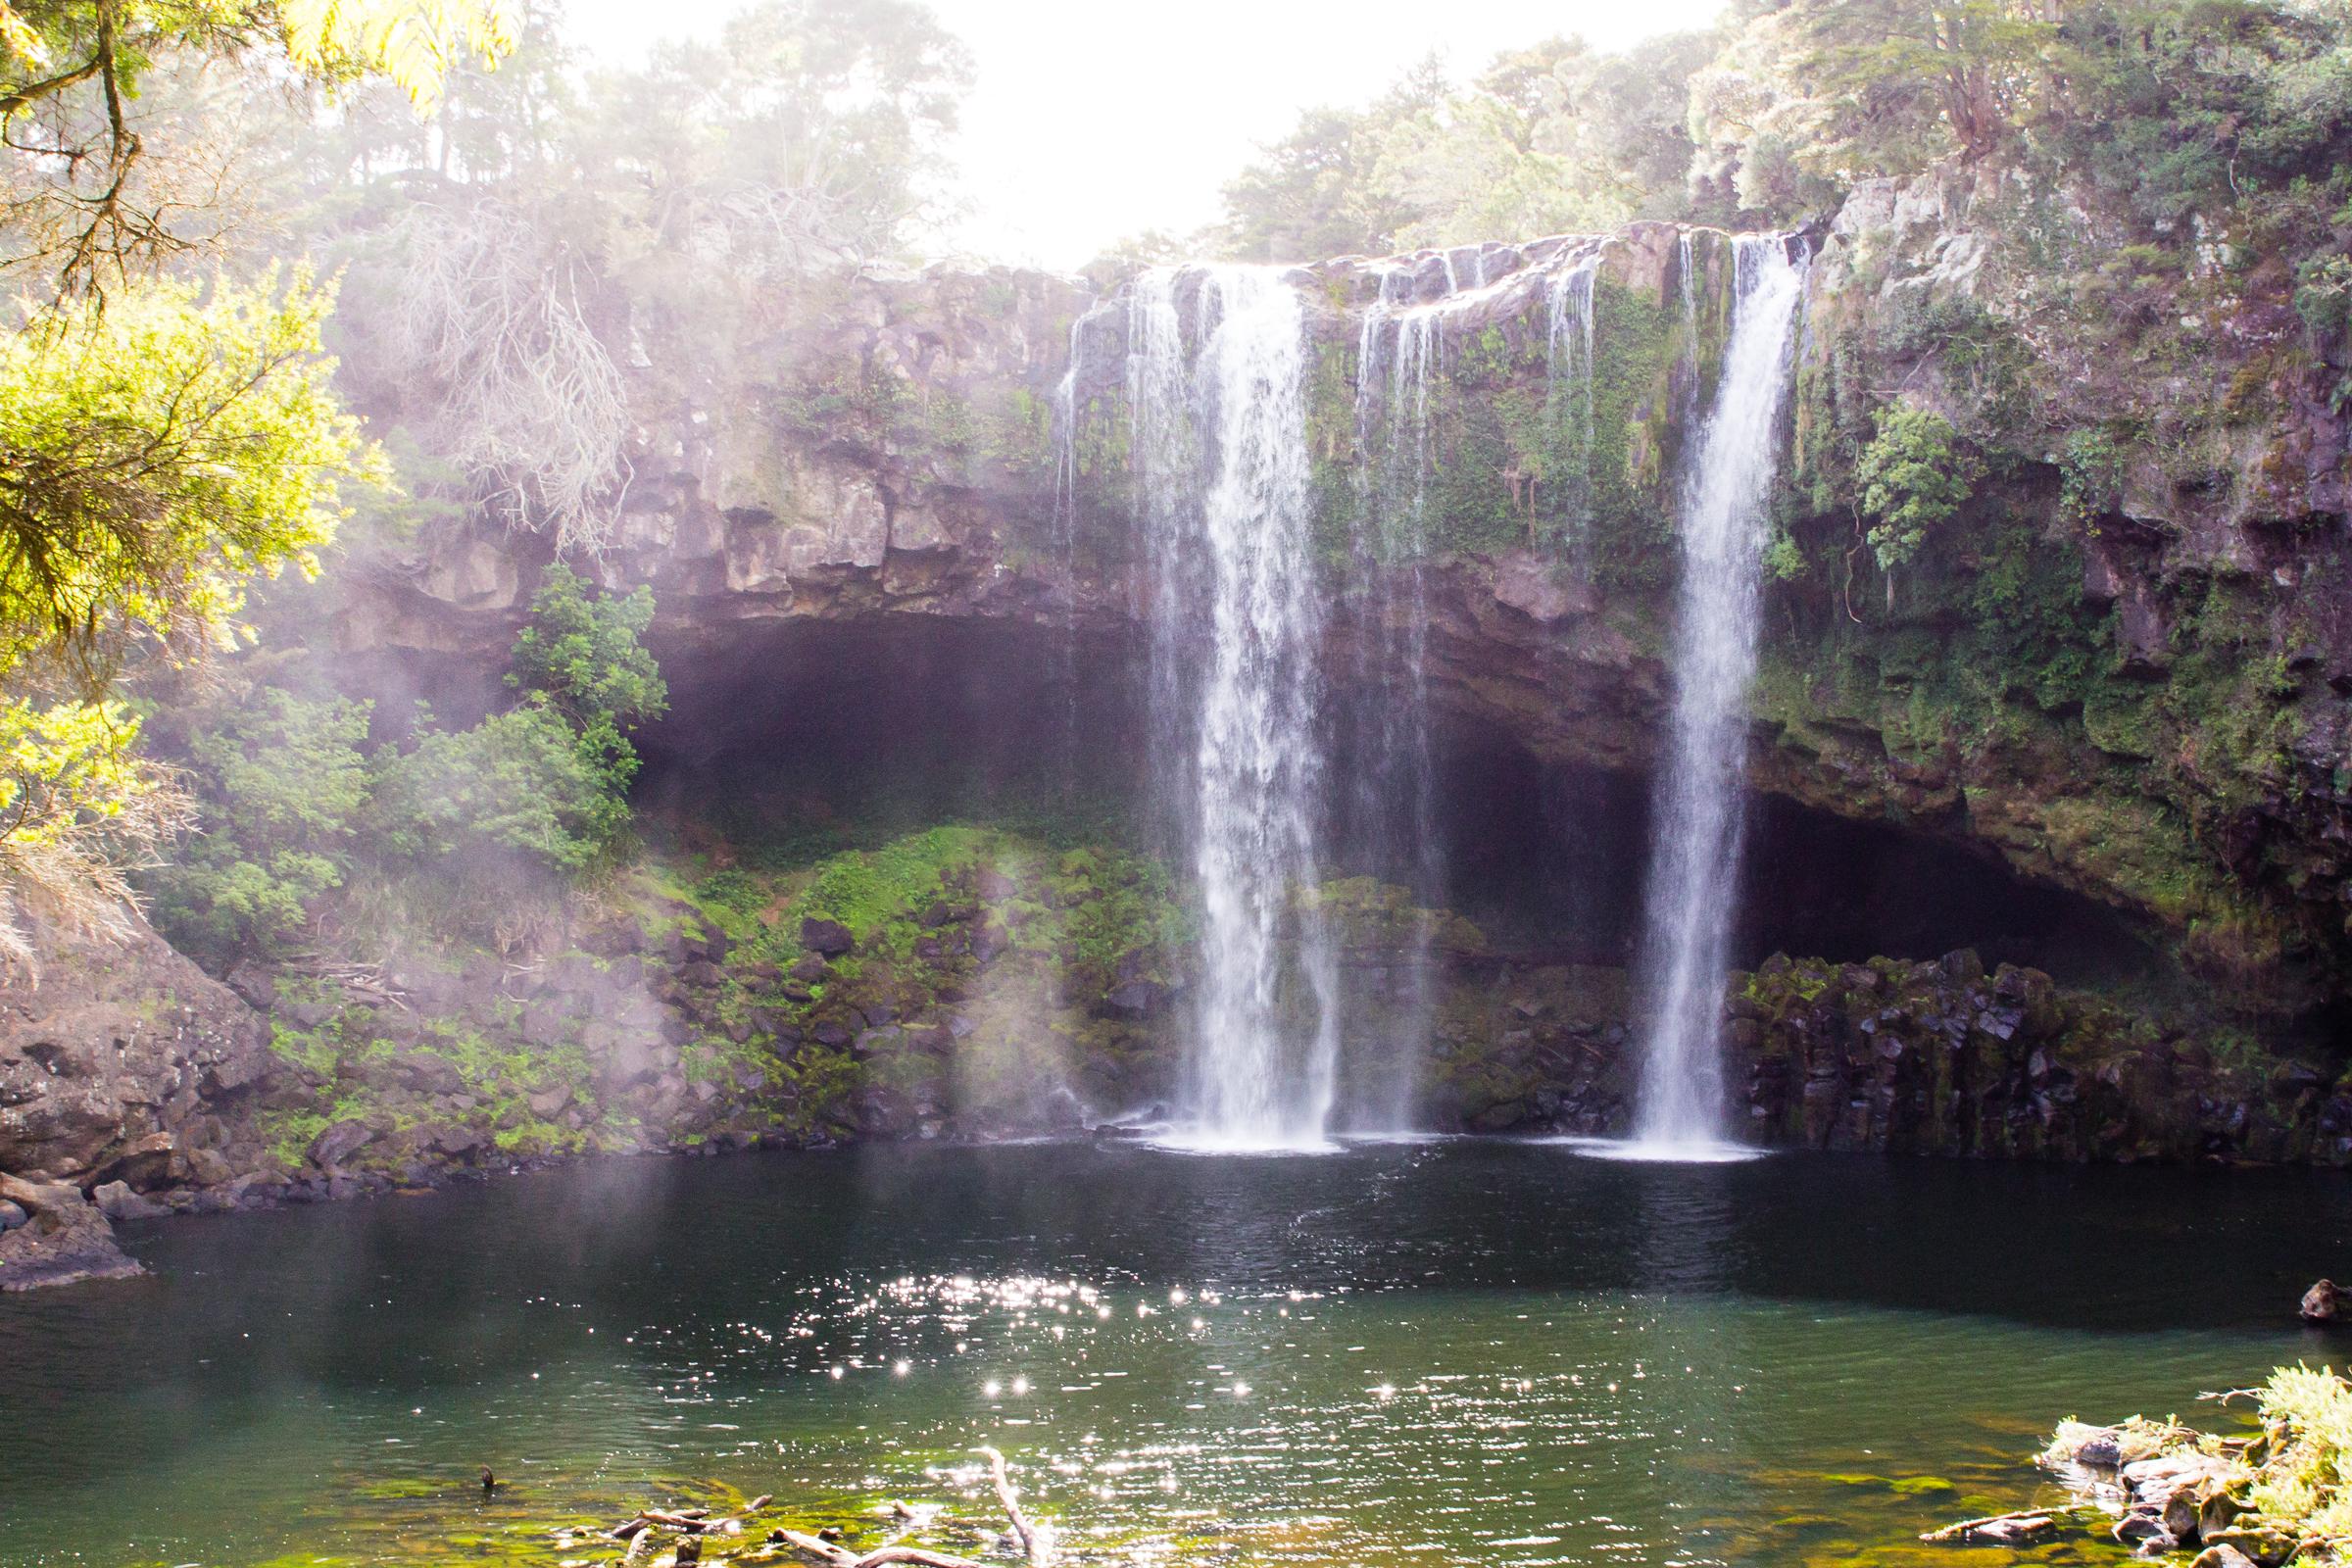 File:NZ130415 Rainbow Falls 01.jpg - Wikimedia Commons